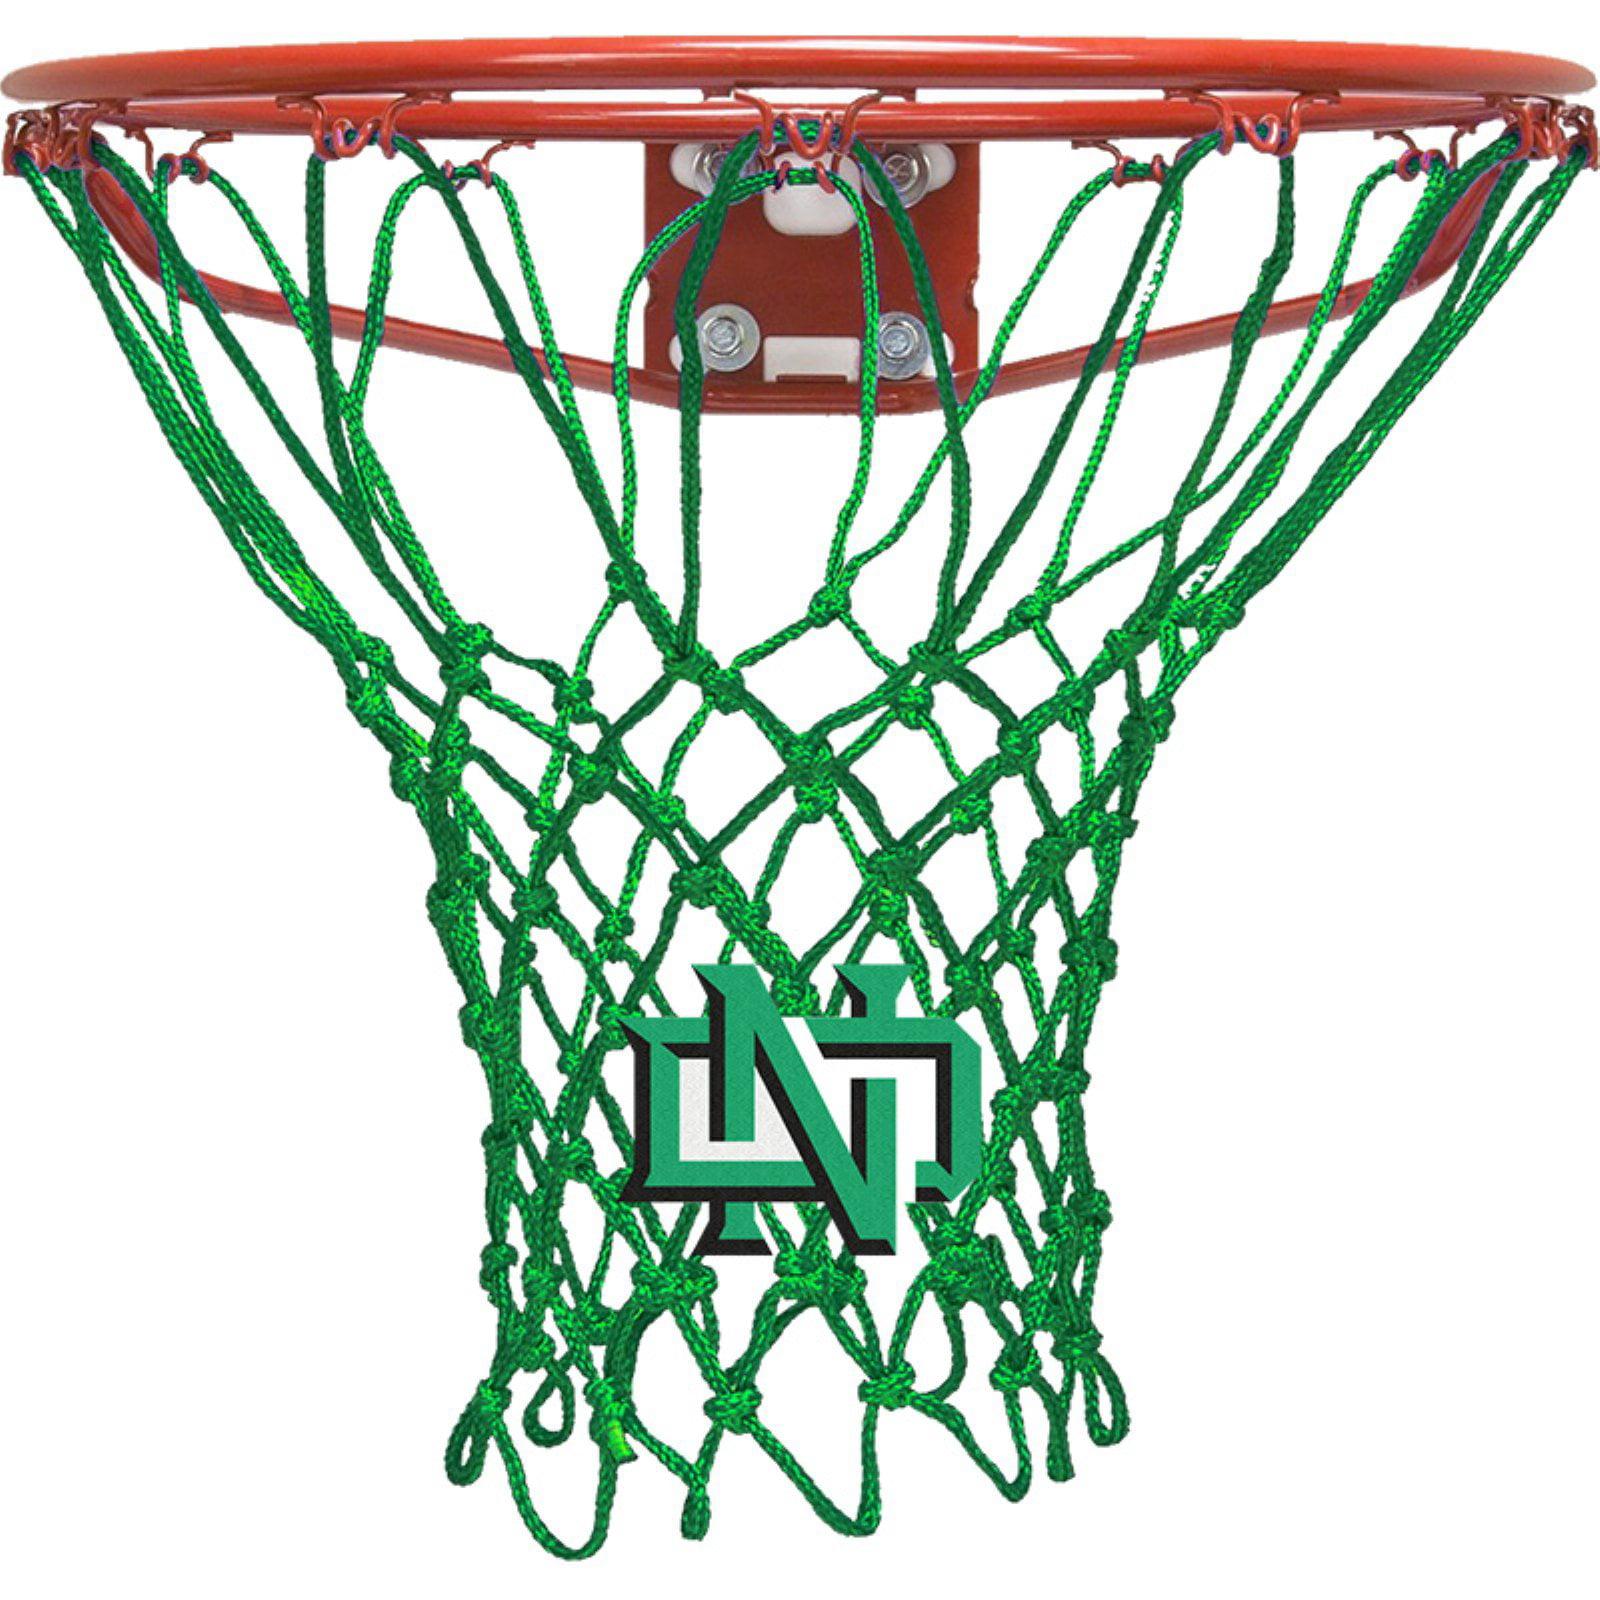 Krazy Netz University Of North Dakota Black Basketball Net